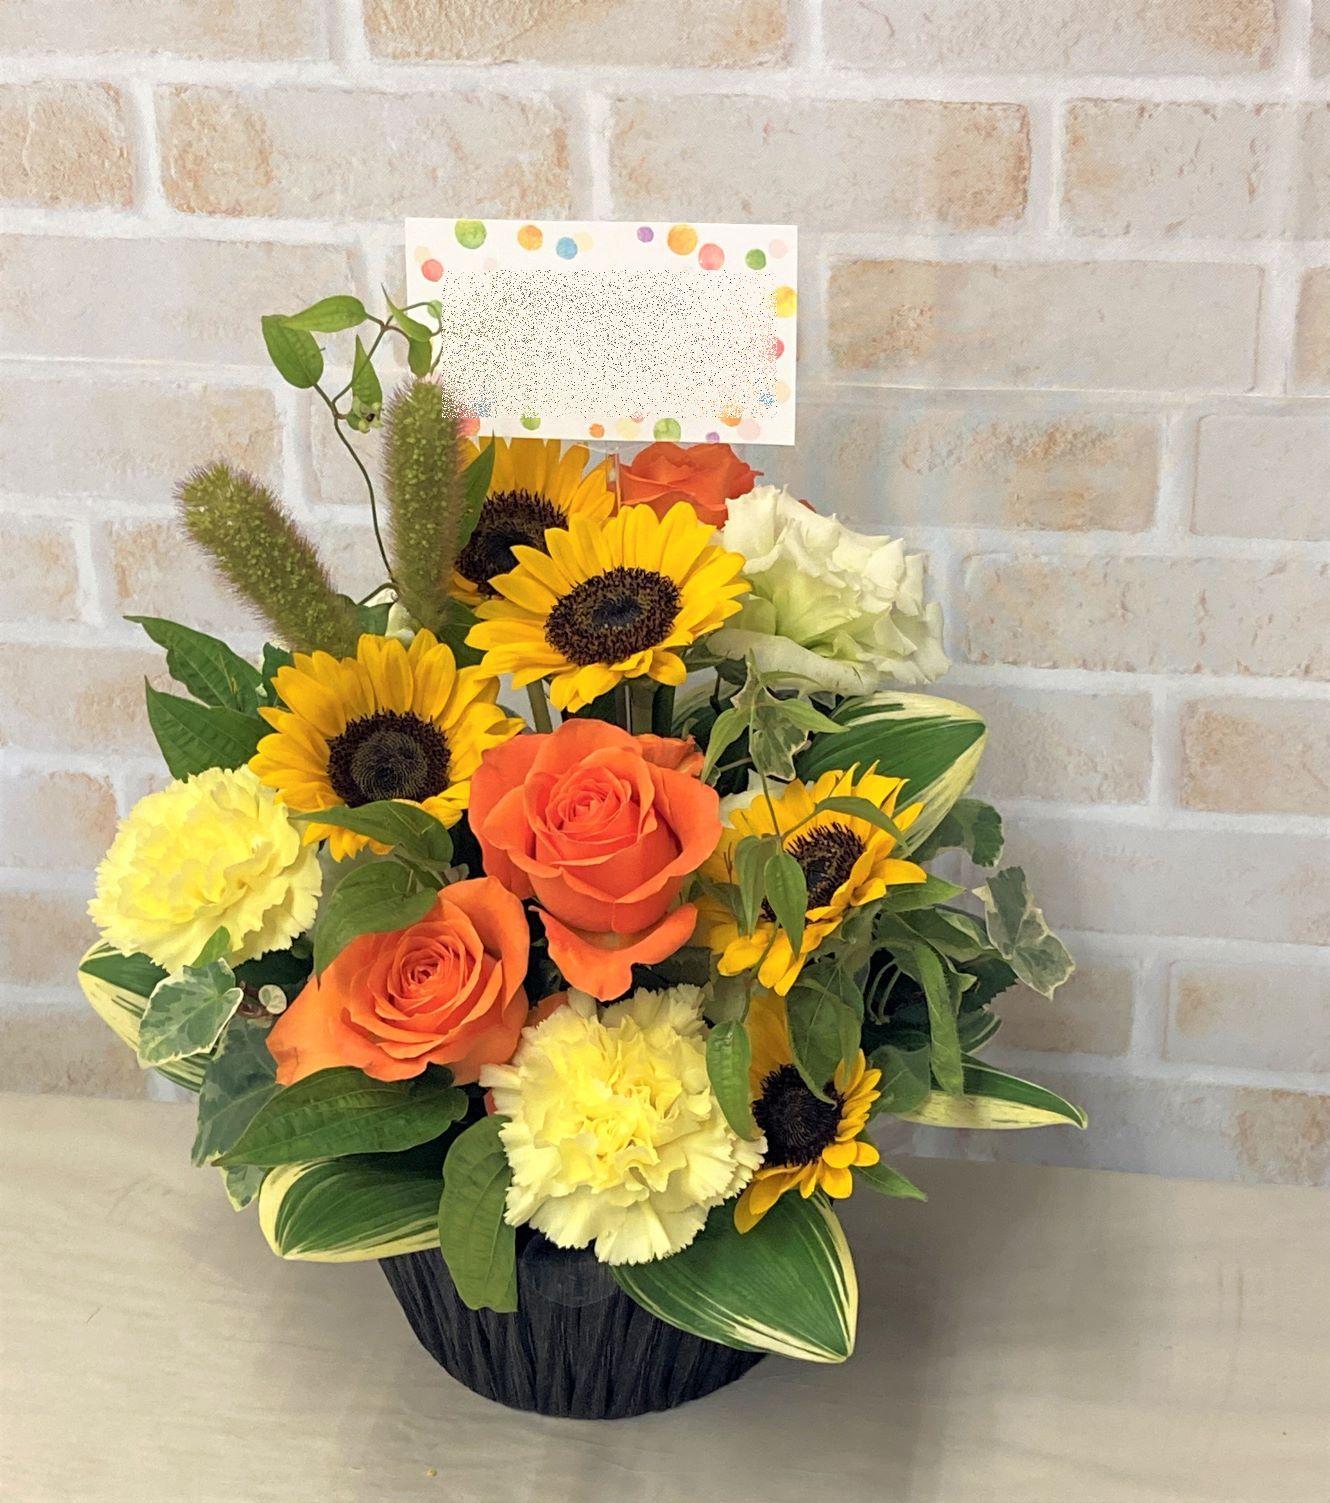 横浜スーパー・ファクトリーへ花束と楽屋花を配達しました。【横浜花屋の花束・スタンド花・胡蝶蘭・バルーン・アレンジメント配達事例937】